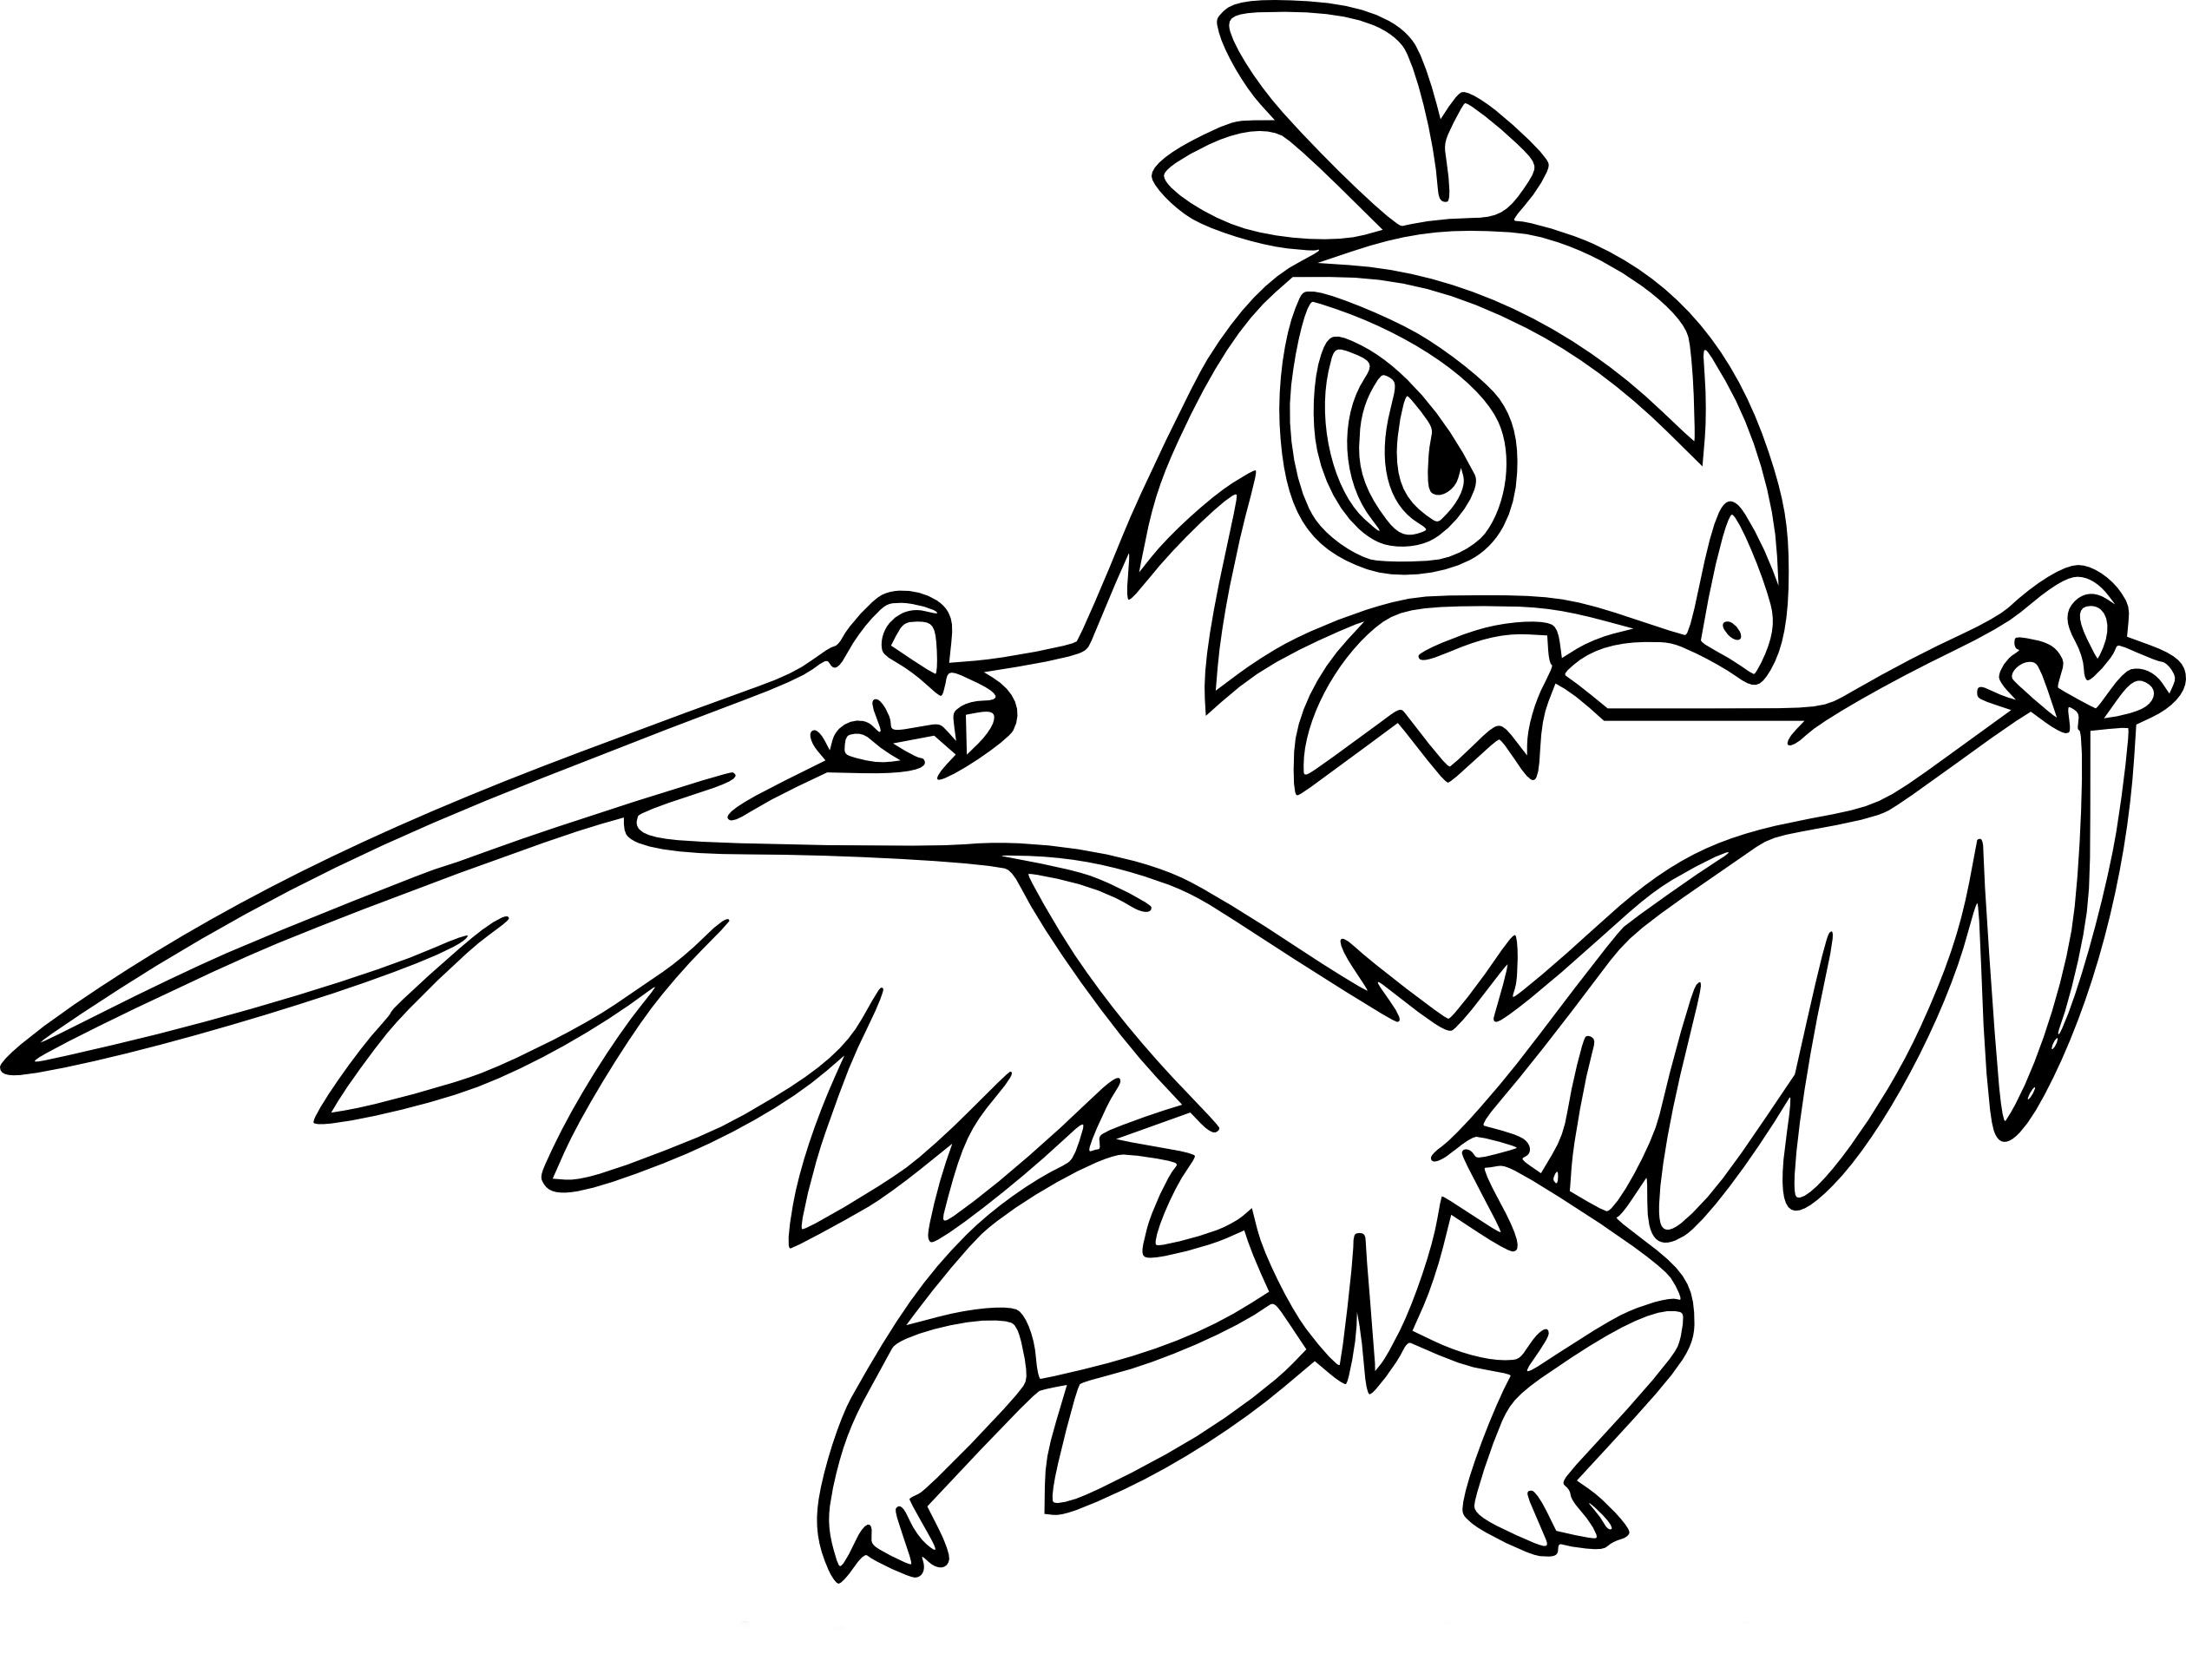 39 Dessins De Coloriage Pokemon Mega Evolution À Imprimer pour Coloriage A Imprimer Pokemon Legendaire